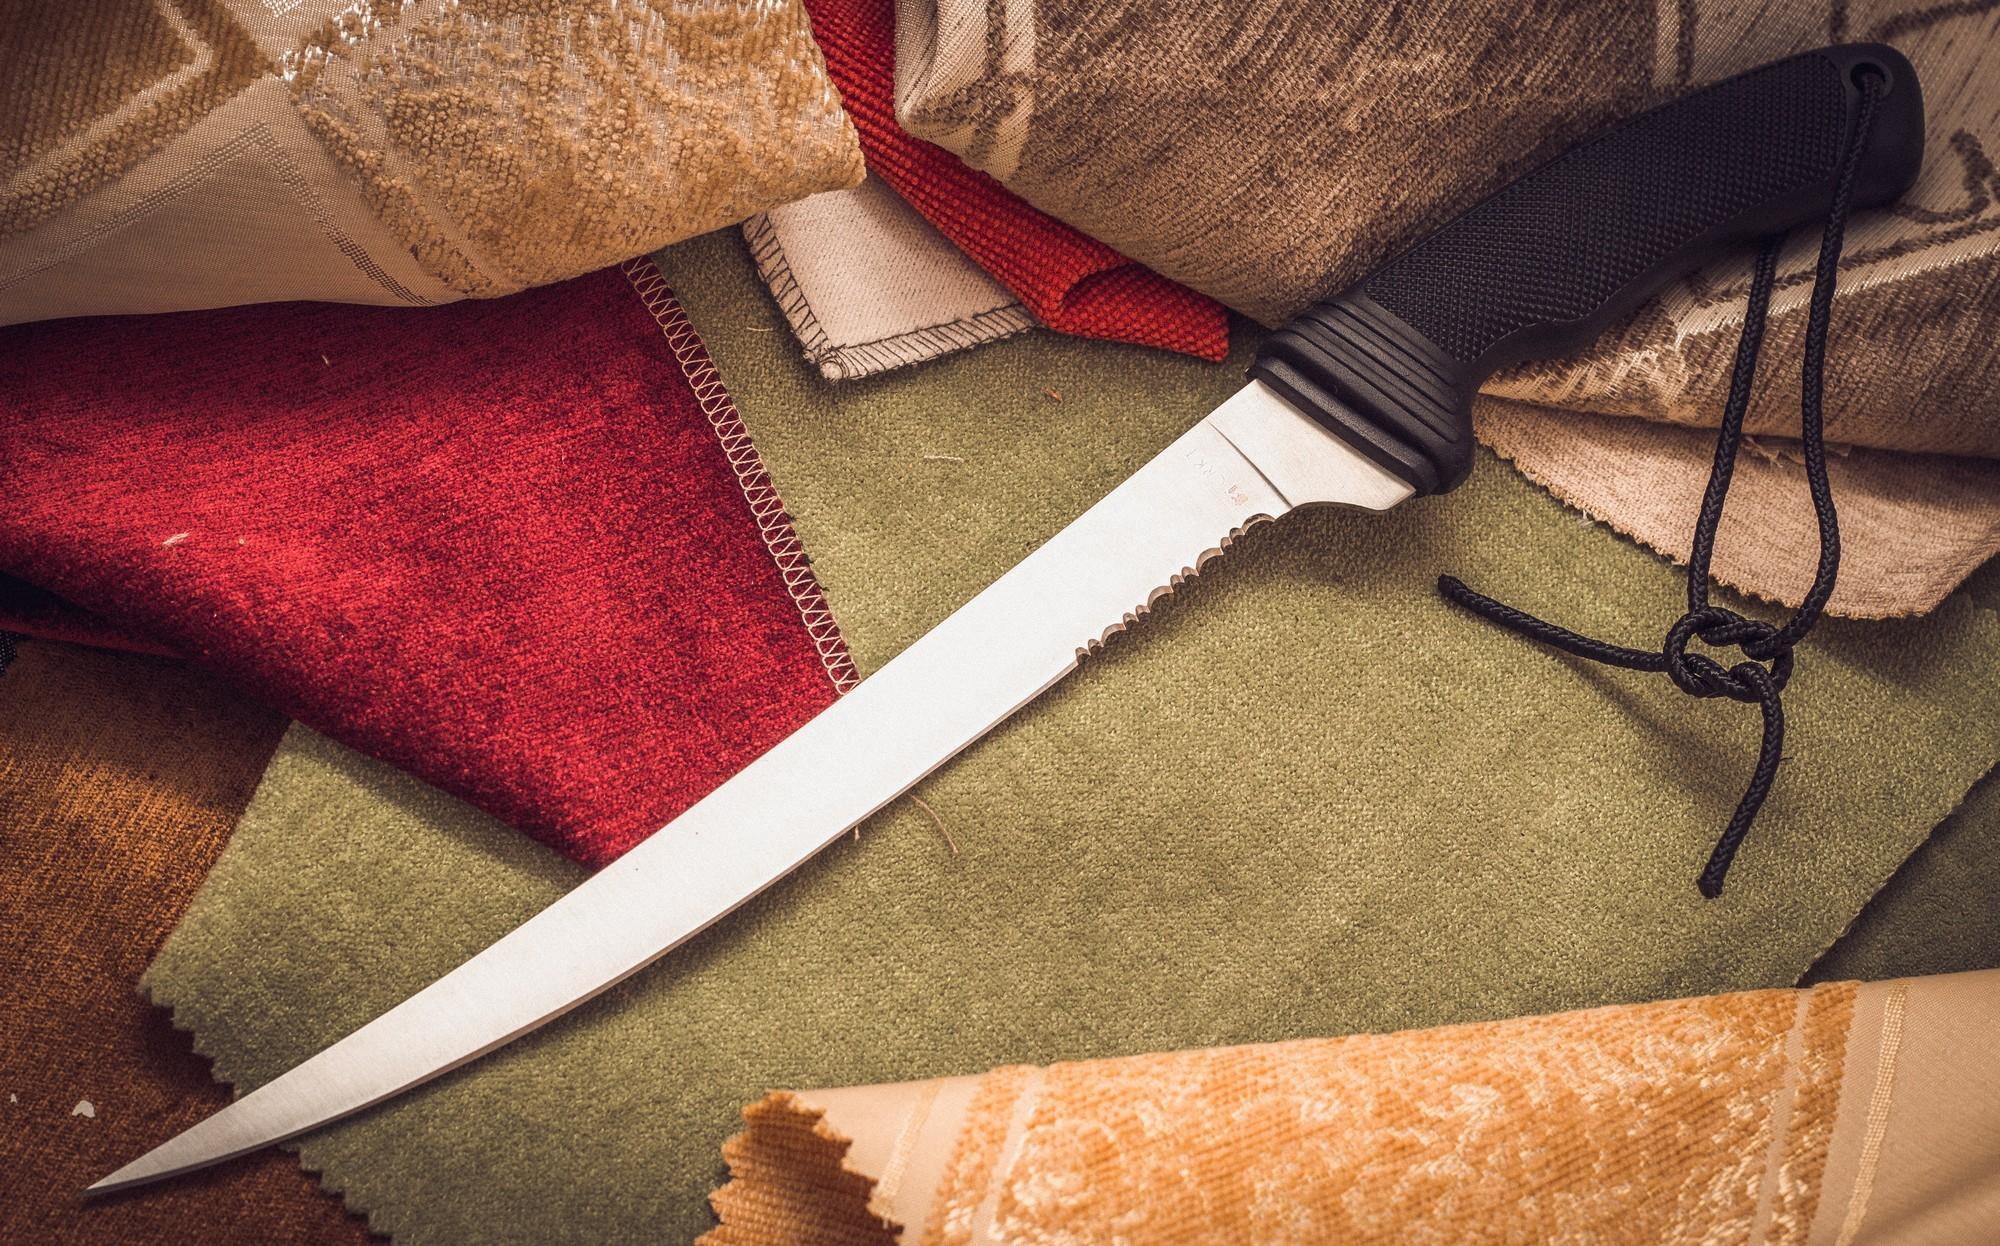 Филейный нож CRKT Big Eddy II 3010Ножи филейные<br>Нож Big Eddy II CRKT, CR-3010, США – нож от американского производителя Columbia River Knife &amp; Tool (CRKT). Это филейный нож с длинным клинком, предназначен для нарезания тонкими пластами мяса и рыбы. Длинный клинок позволяет пластовать филе тонко и аккуратно, непрерывным резом. Также этим ножом гораздо проще осуществить обработку такой крупной и сильной рыбы, как лосось и щука.<br>Клинок выполнен из японской низкоуглеродистой стали марки 420 J2. Она устойчива к коррозии и придает клинку ножа упругость, что особенно важно для длинных клинков филейных ножей.<br>Рукоять ножа изготовлена из термопластика, способного выдерживать значительные деформации. Ее поверхность приятна для ладони, не промерзает на морозе и не скользит в мокрой руке. Рукоять ножа имеет эргономичную форму, снабжена упором и углублением под указательный палец. В навершии имеется отверстие для крепления ремня.<br>Характеристики: Длина общая: 370 мм Длина клинка: 235 мм Толщина клинка: 1.7 мм Вес, гр: 108 Материал клинка: 420J2 Материал рукояти: GRN Твердость, HrC: 52-53 Страна производитель: Тайвань<br>